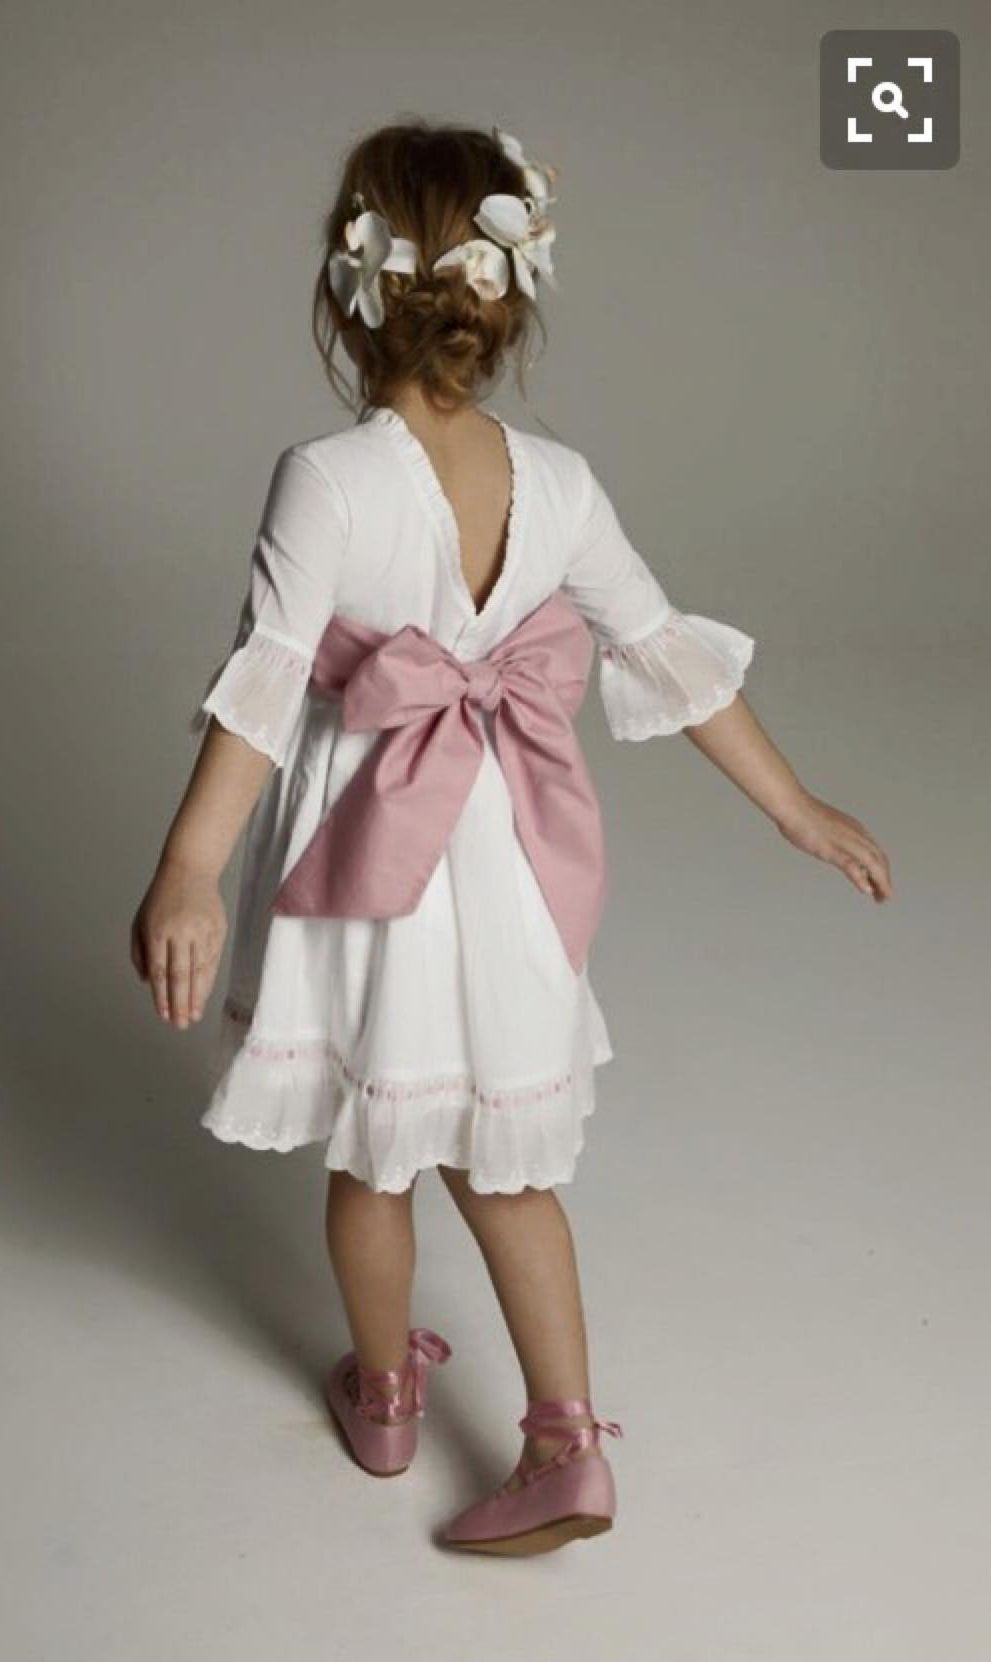 Little girl dresses for weddings  Plumetiespalda en pico y rosa palo  Siehst gut aus kind